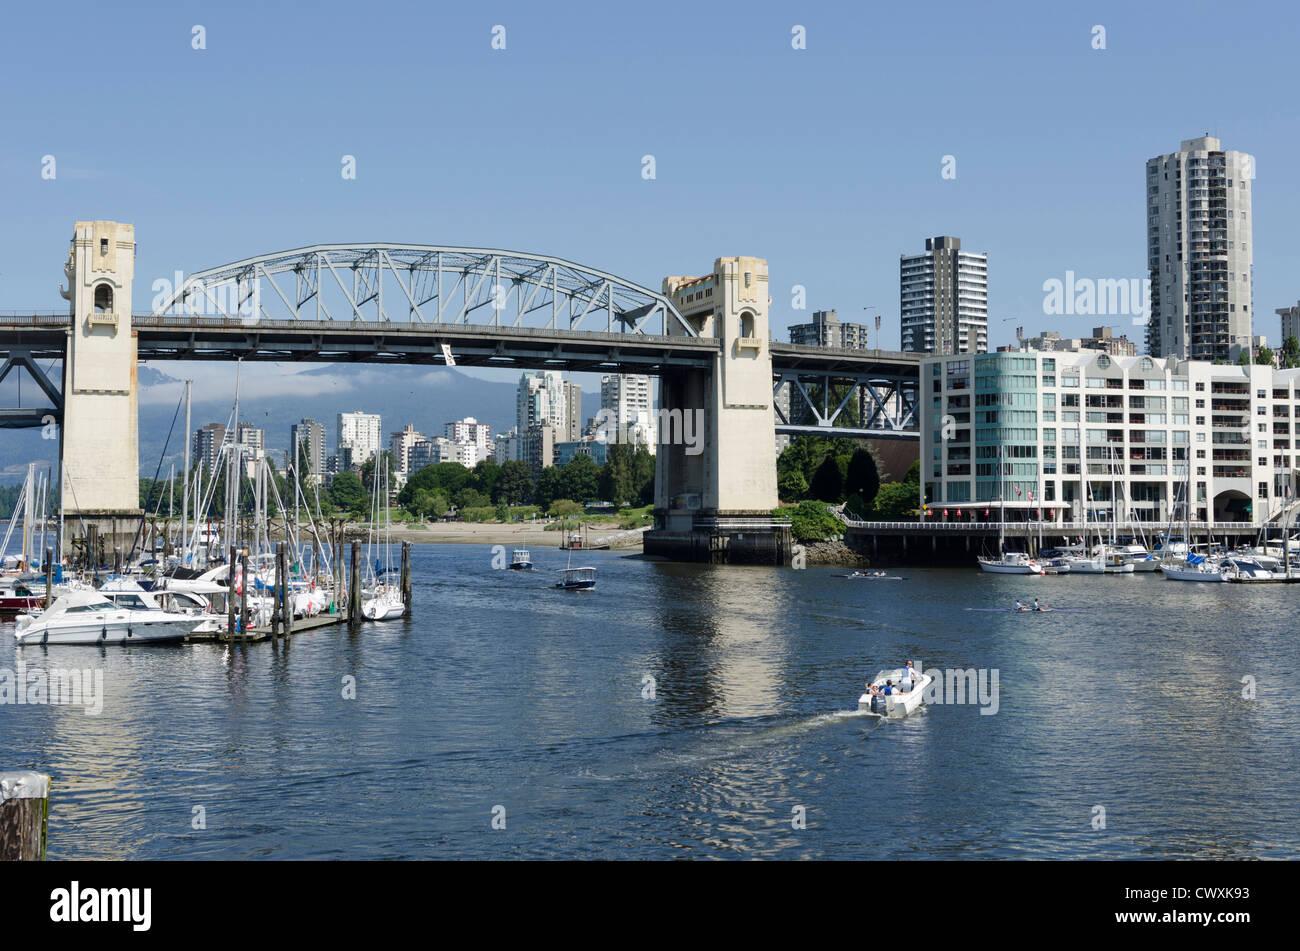 Vista desde la isla de Granville cruzando la bahía mostrando Burrard St Bridge y del centro de Vancouver, Canadá Imagen De Stock